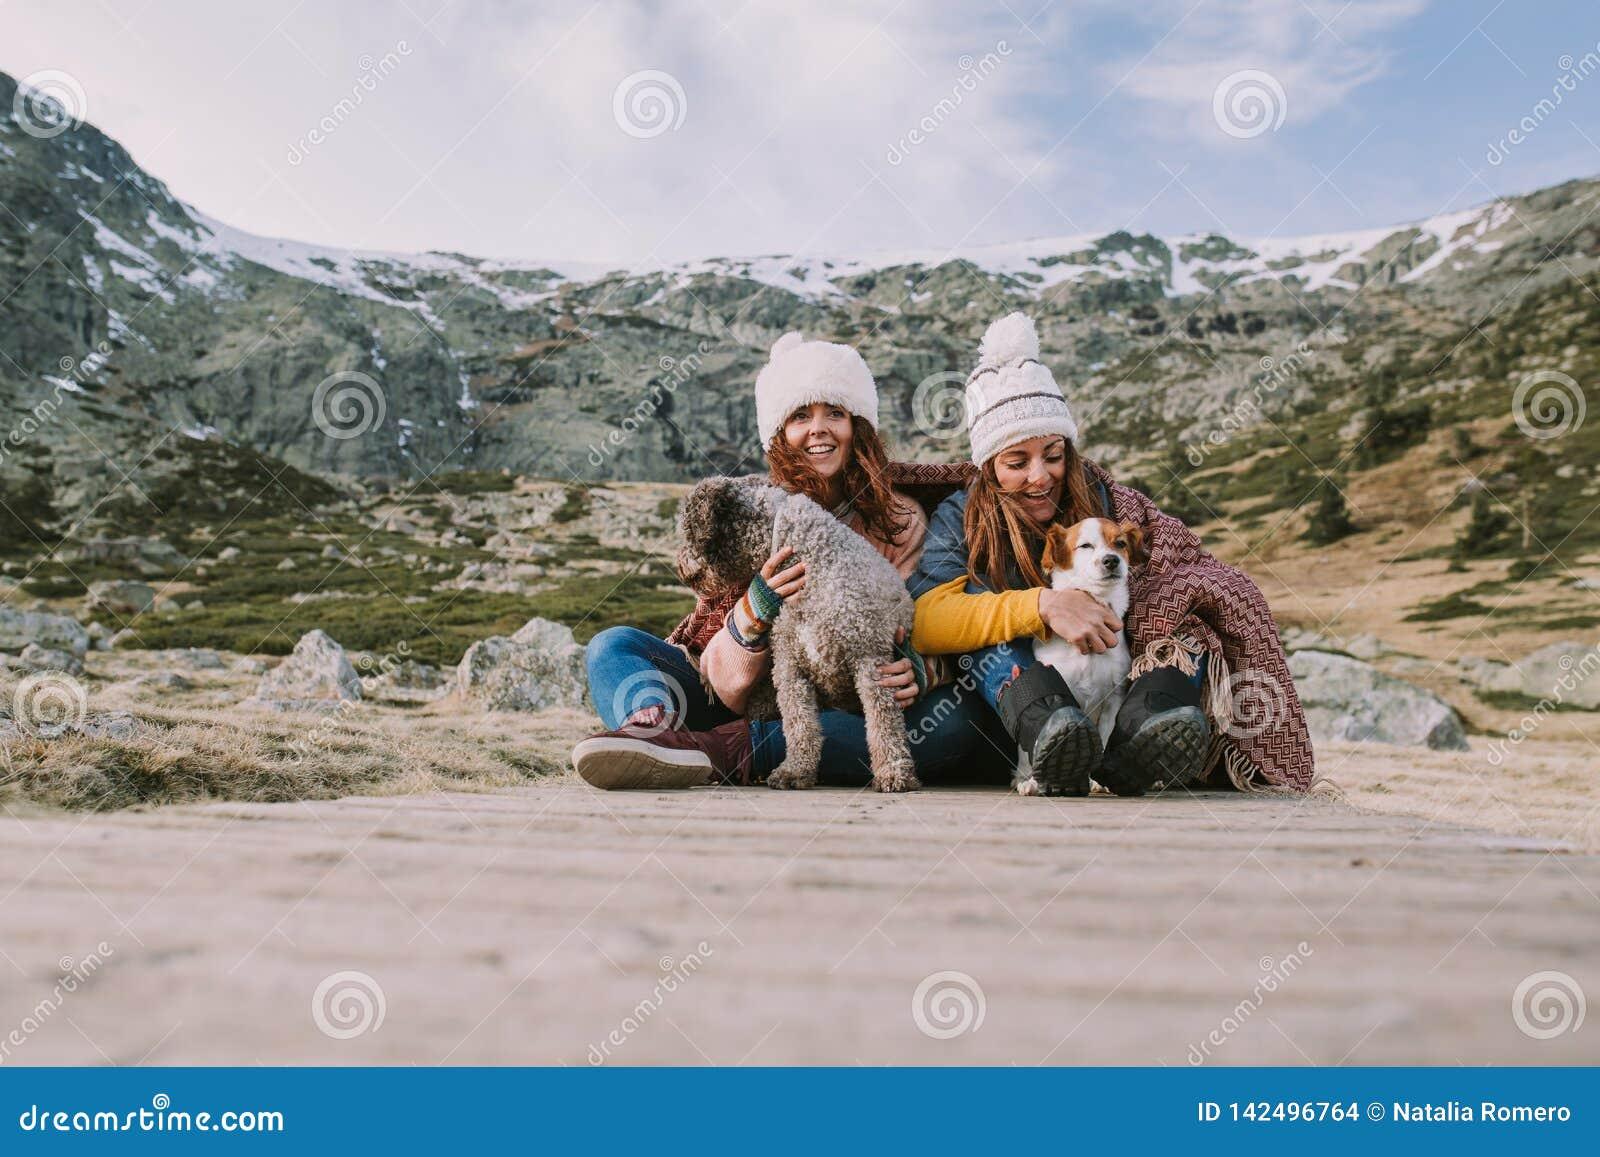 Dos mujeres jovenes juegan con sus perros en el medio del prado